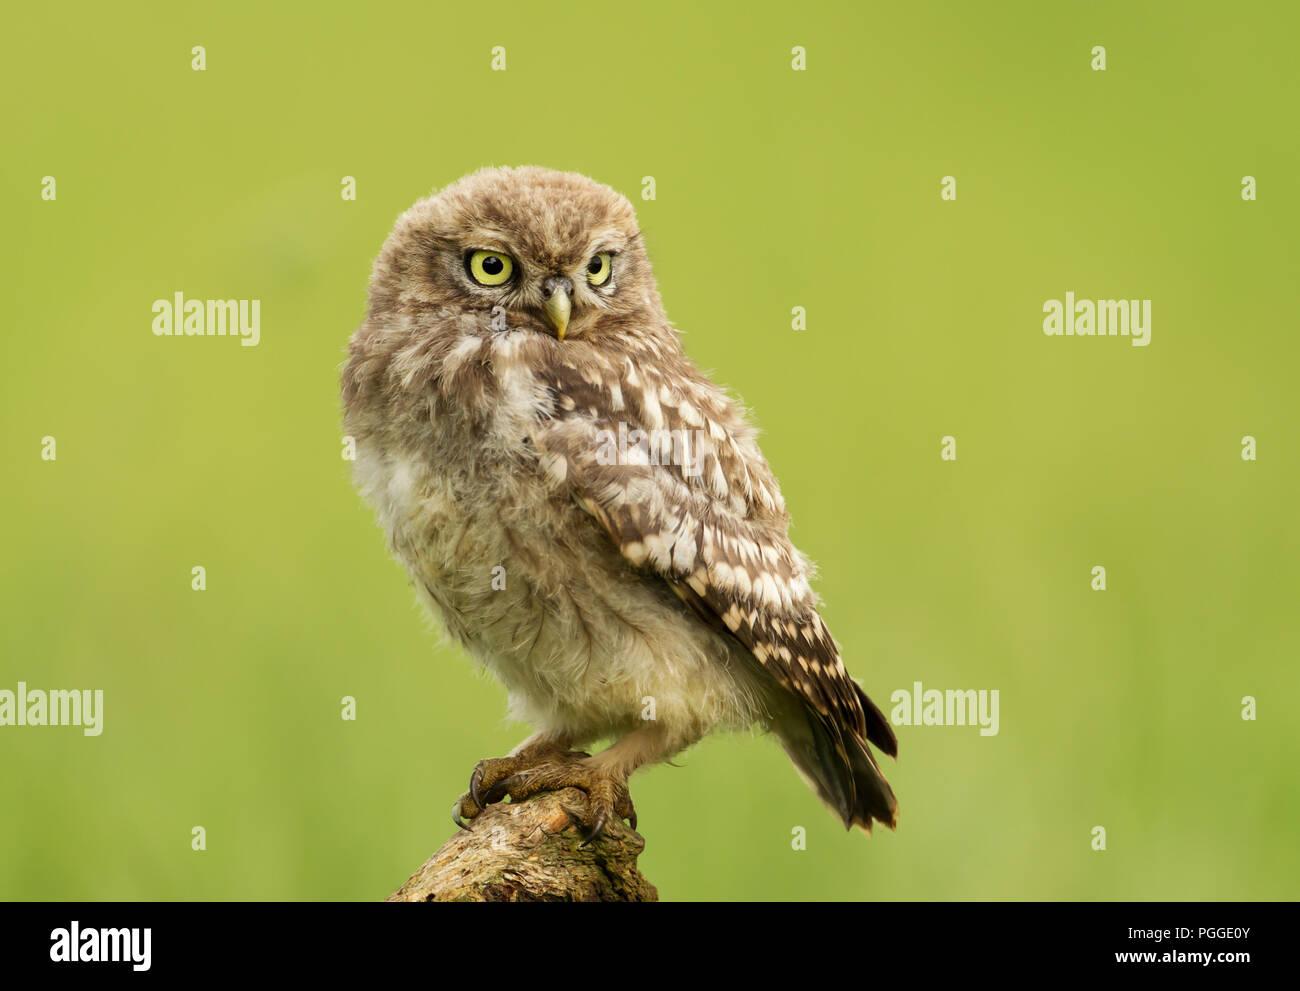 Nahaufnahme eines Jugendlichen kleine Eule hocken auf einem Pfosten vor grünem Hintergrund, UK. Stockbild